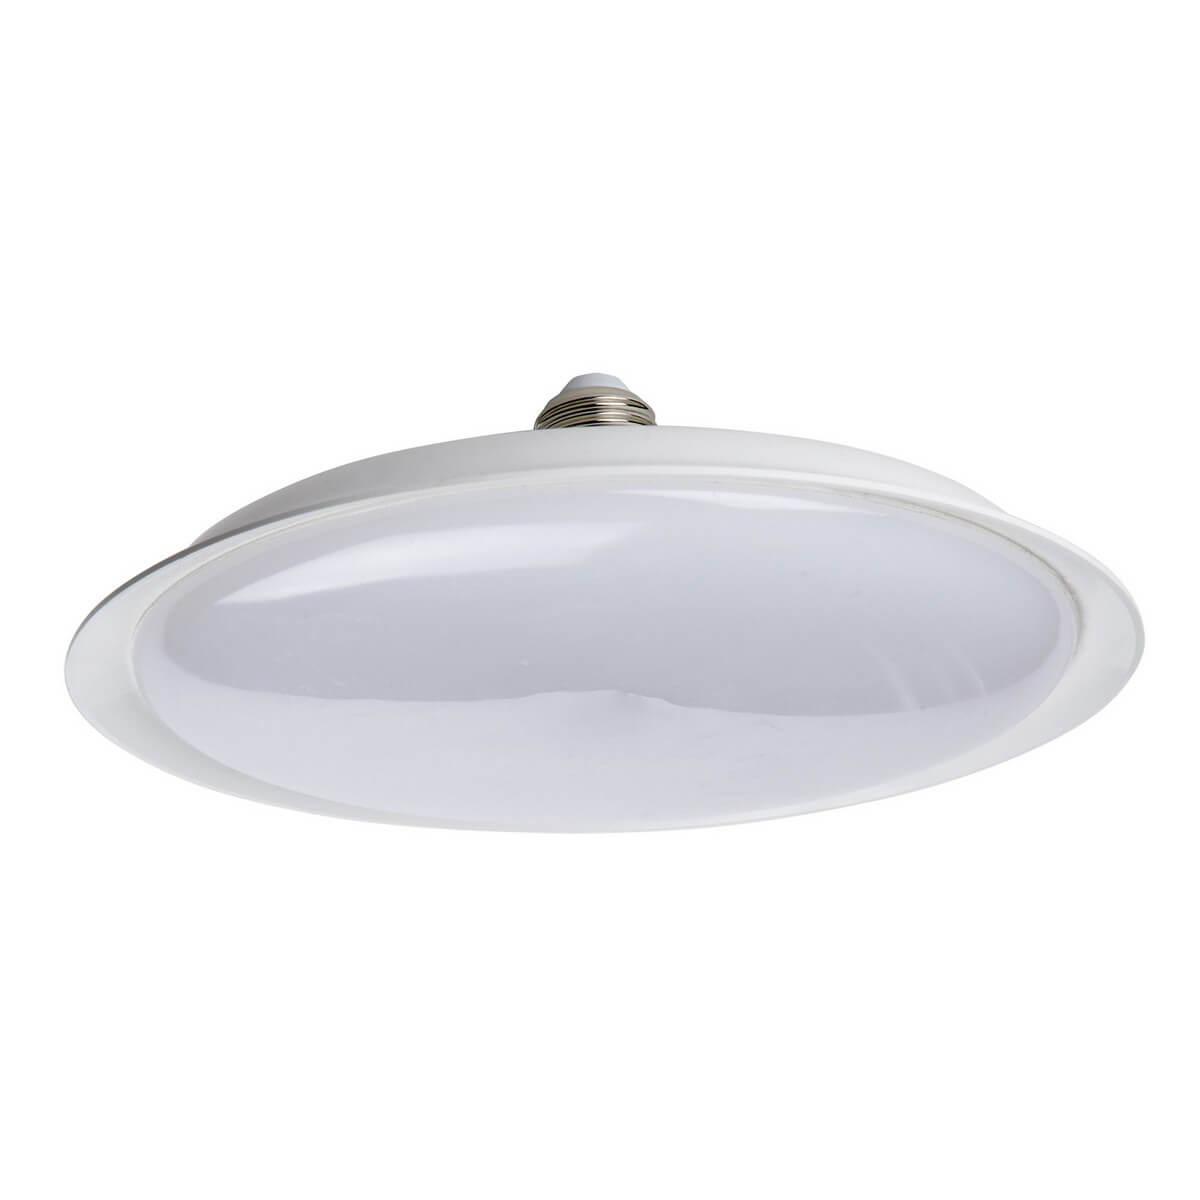 лампочка ecola classic led premium 20w a65 220 240v e27 6500k d7rd20elc Лампочка Uniel LED-U165-20W/6500K/E27/FR PLU01WH UFO